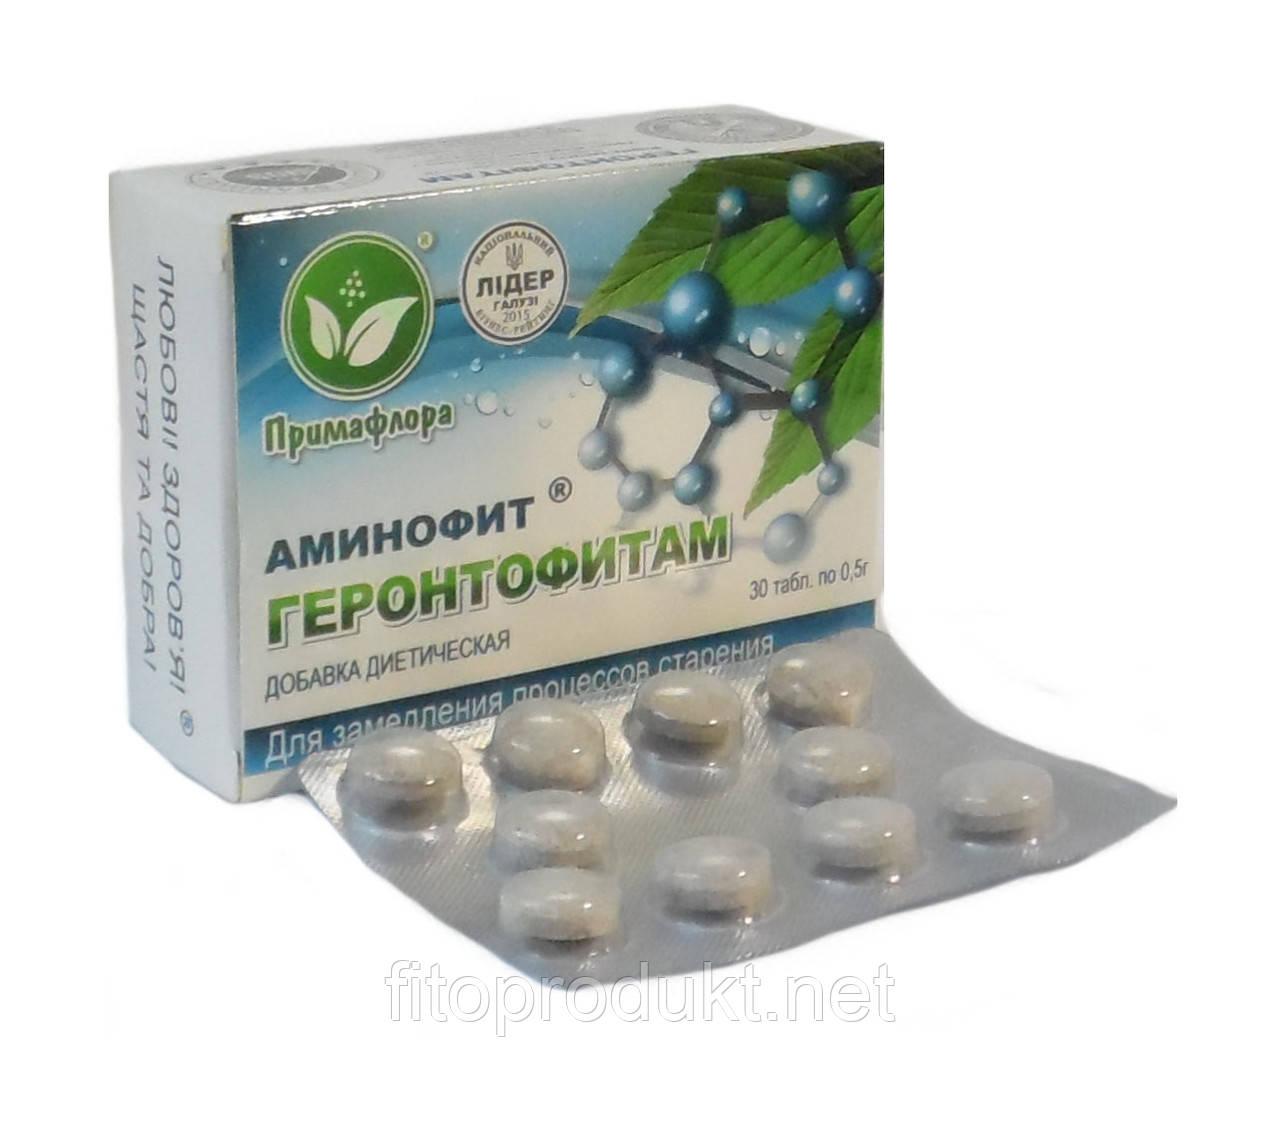 Геронтофитам -  аминофит для долголетия, №30